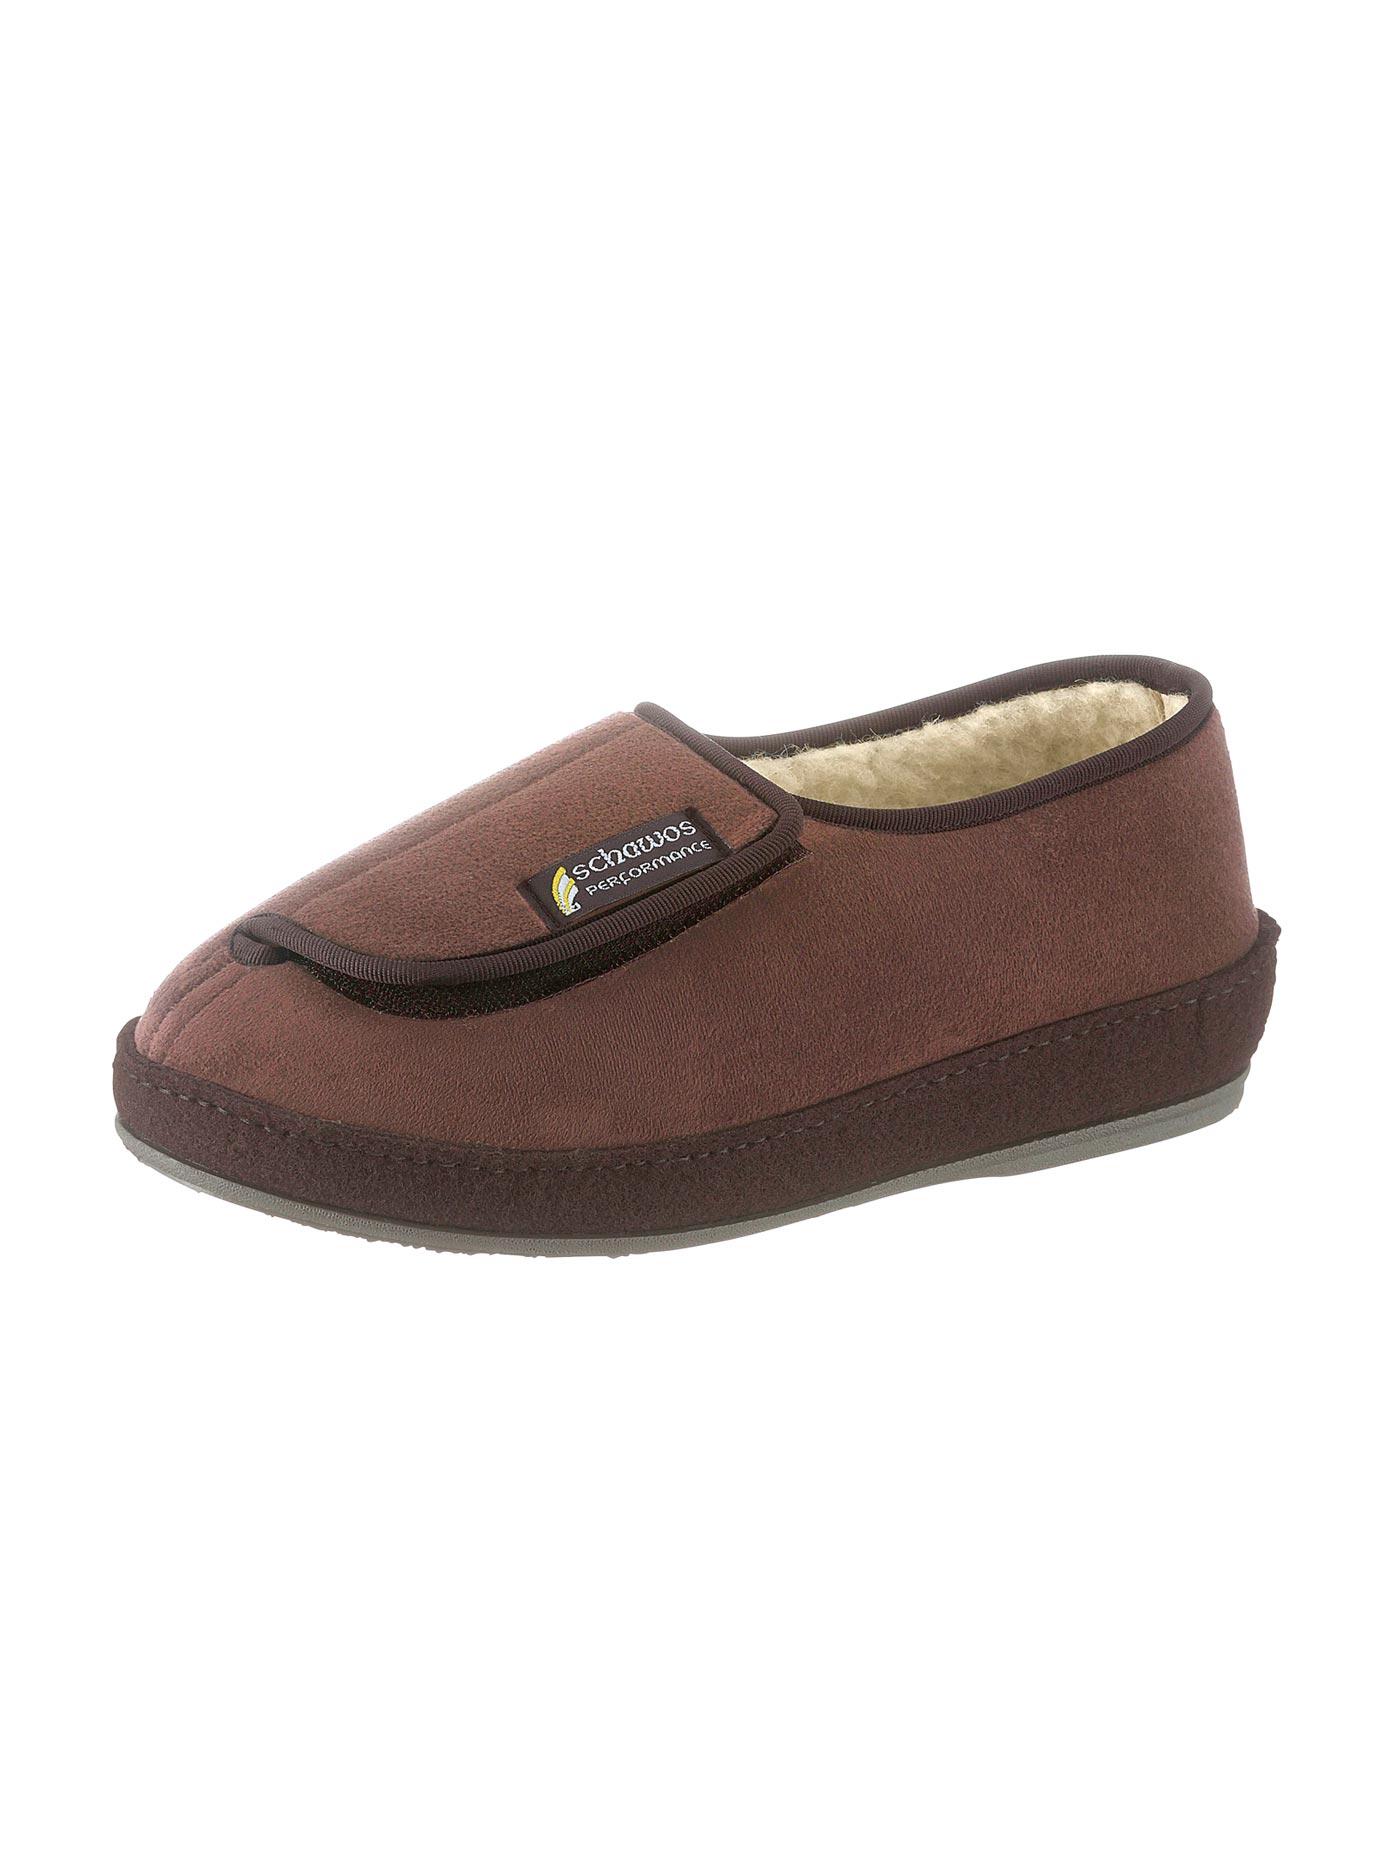 SCHAWOS Hausschuh braun Herren Hausschuhe Offene Schuhe